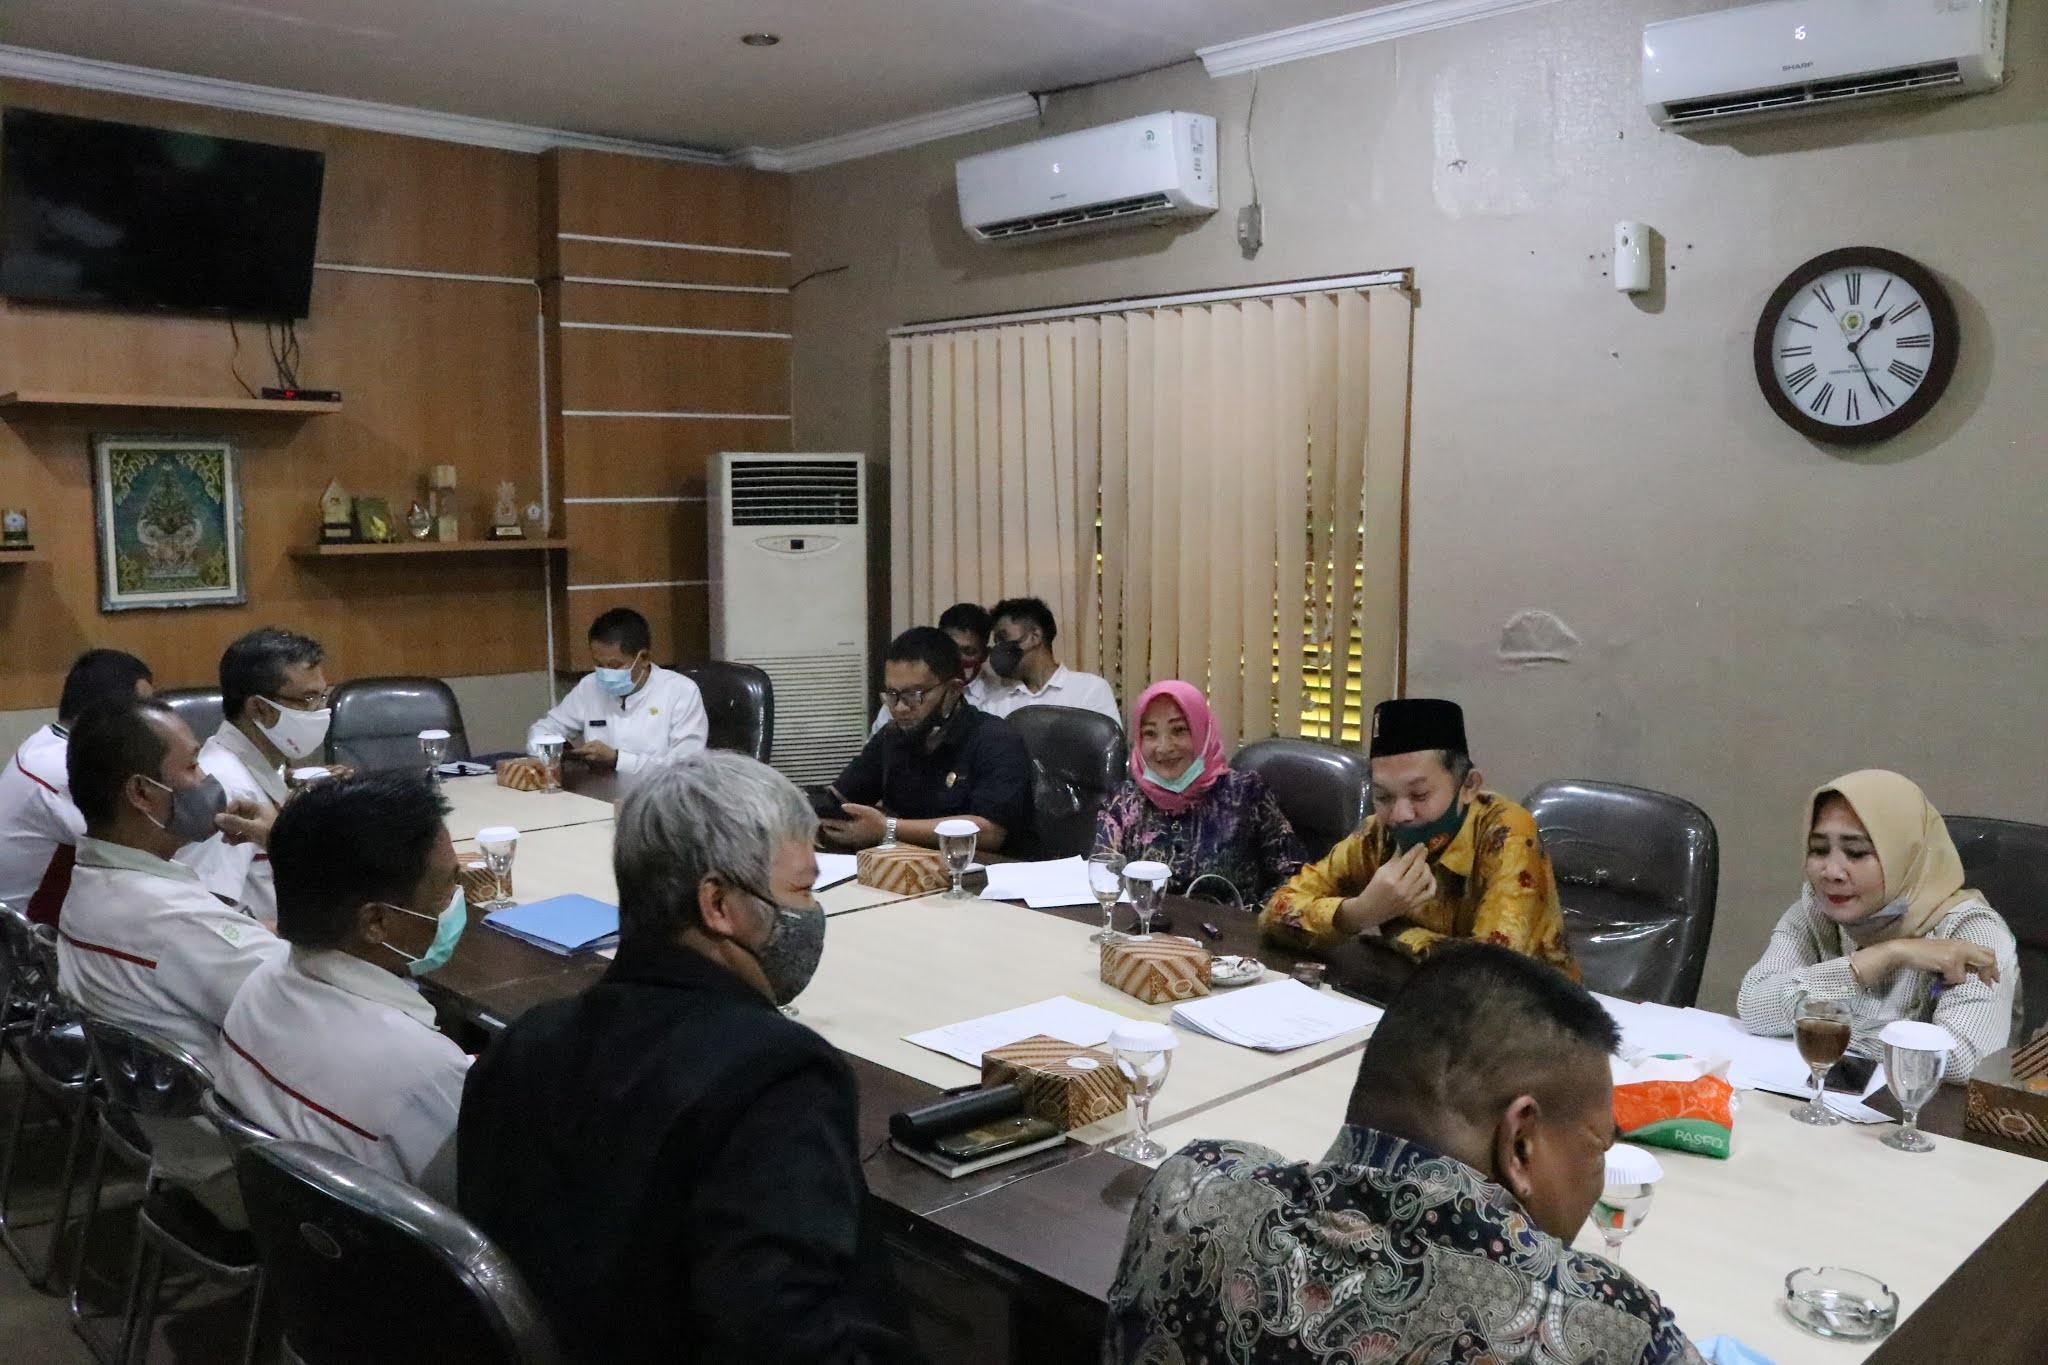 Komisi II Meradang, Karena Kepala Bapenda Tak Pernah Hadiri Rapat Kerja